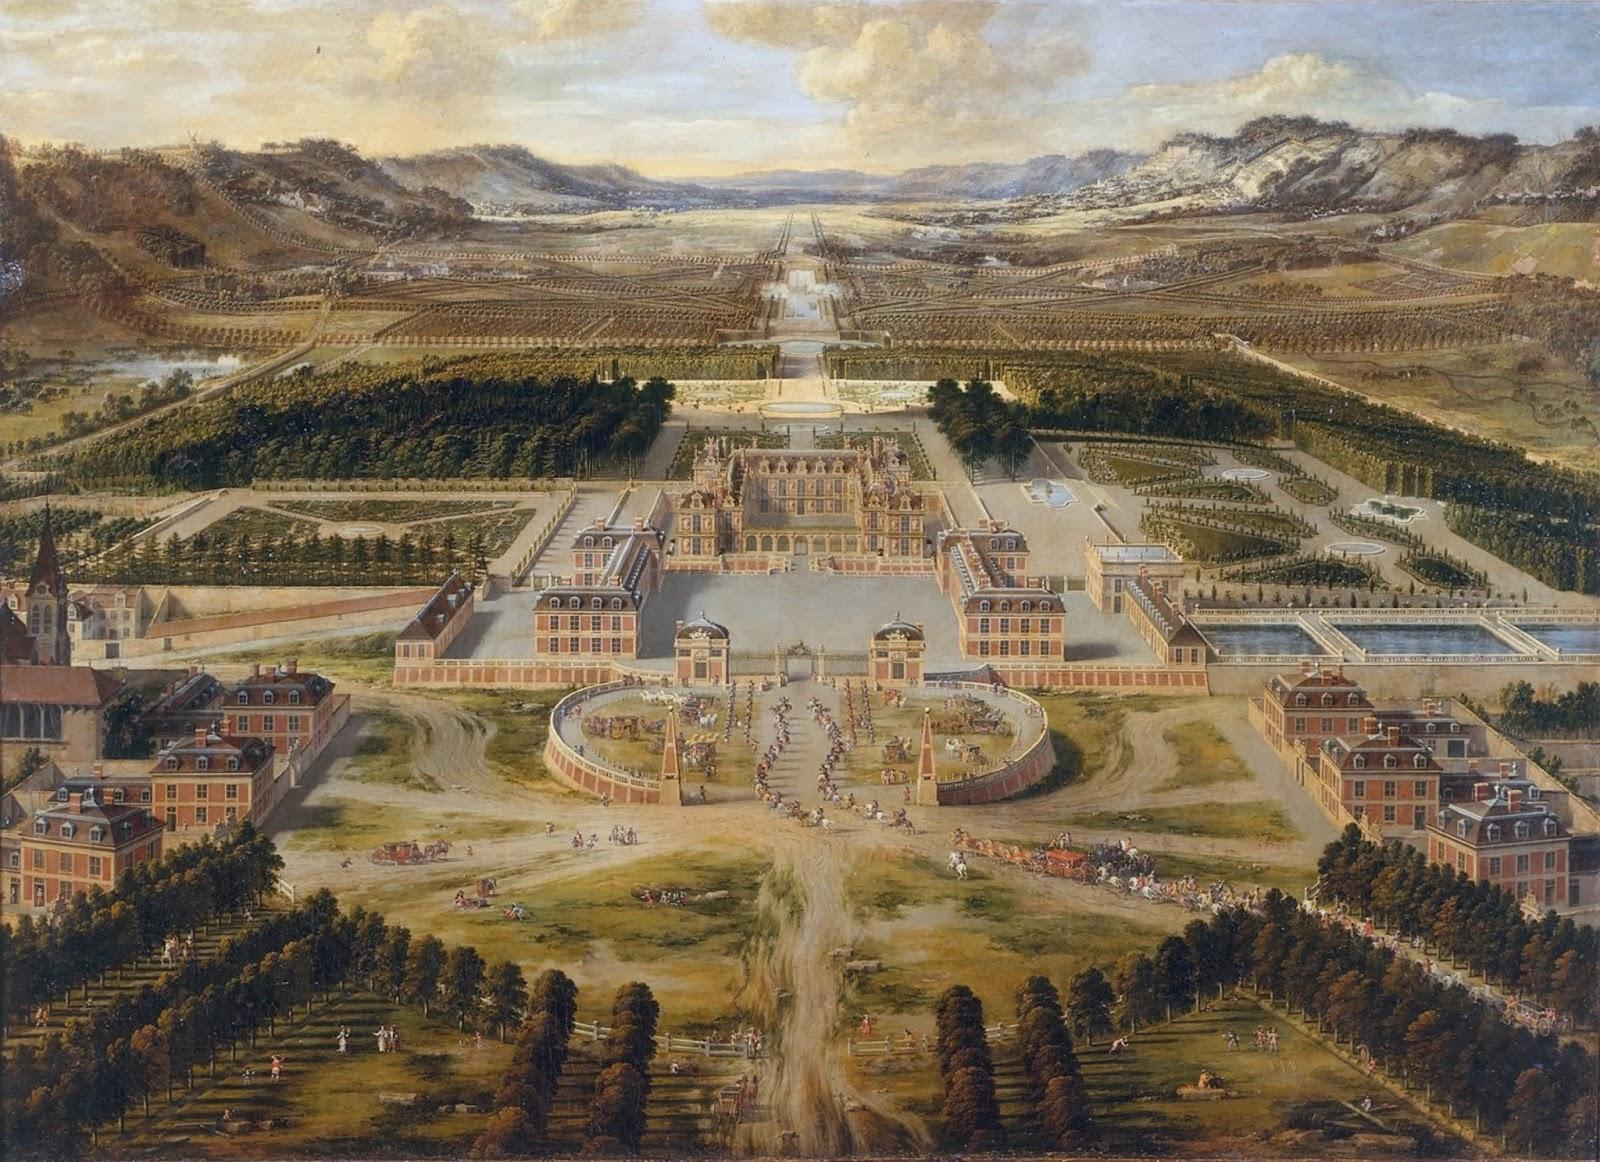 Chateau_de_Versailles_1668_Pierre_Patel